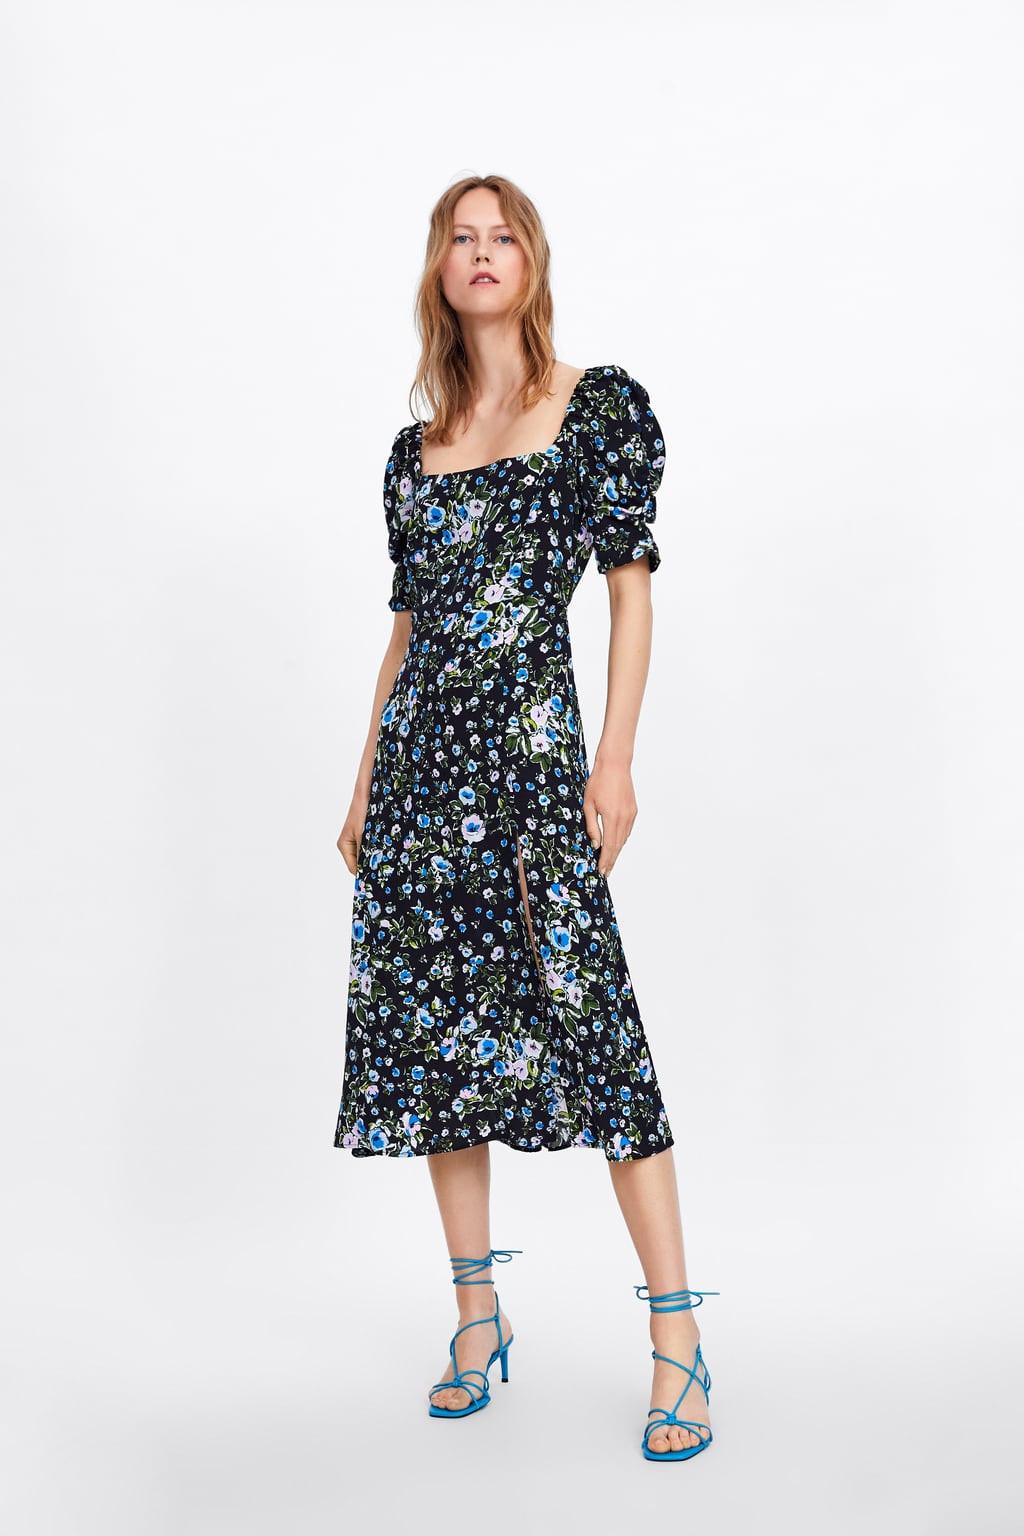 Vestido com estampado floral (antes 39,95 euros, agora 25,99 euros).jpg